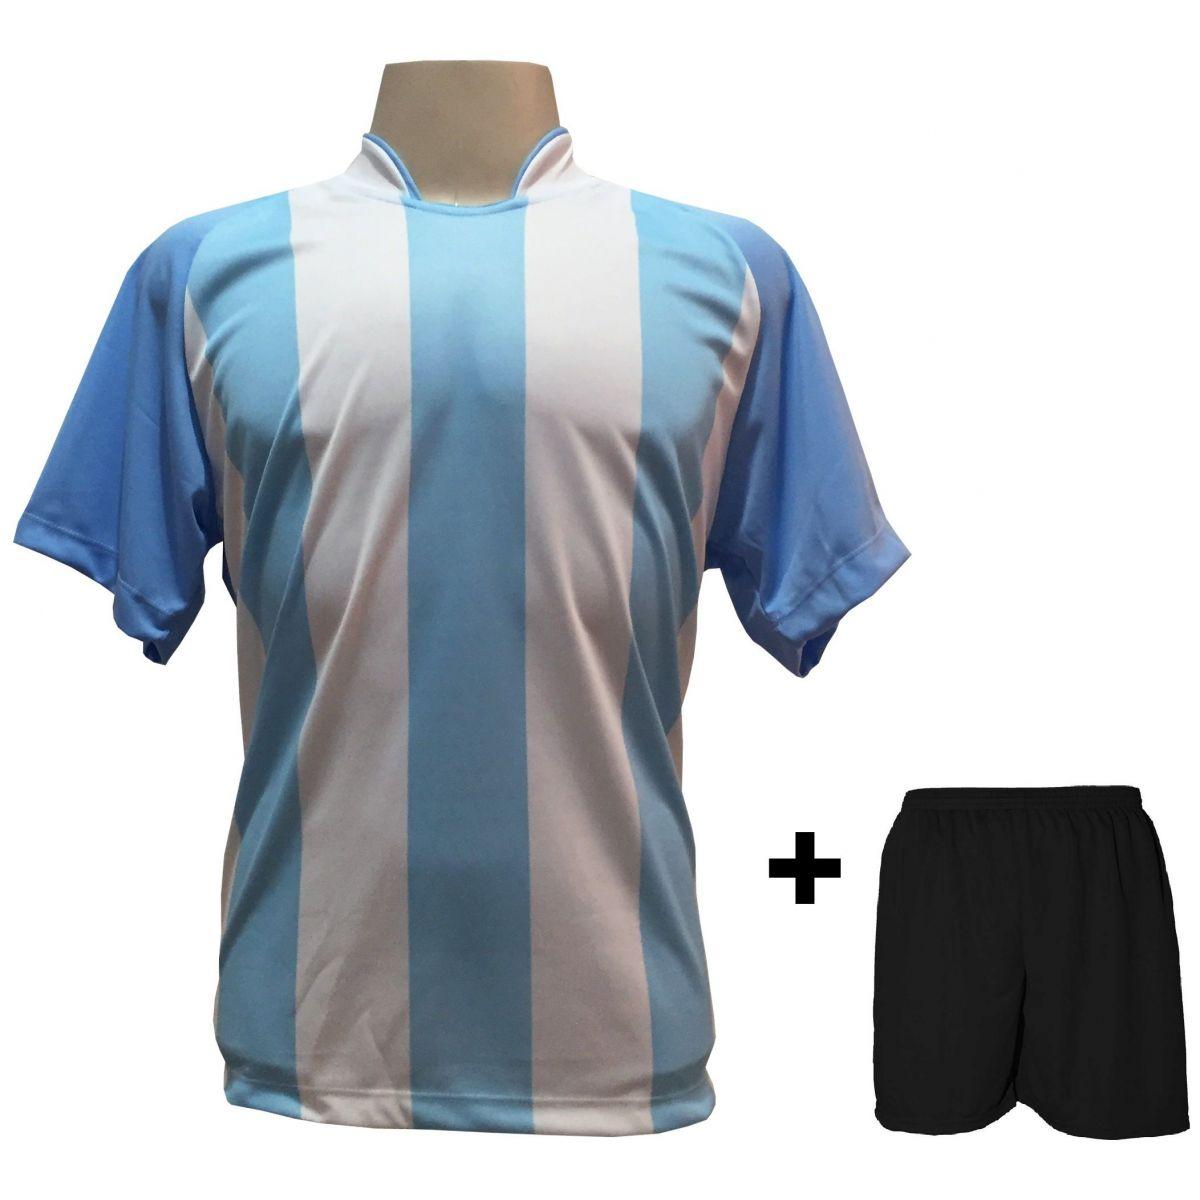 Uniforme Esportivo com 12 Camisas modelo Milan Celeste/Branco + 12 Calções modelo Madrid Preto  - ESTAÇÃO DO ESPORTE